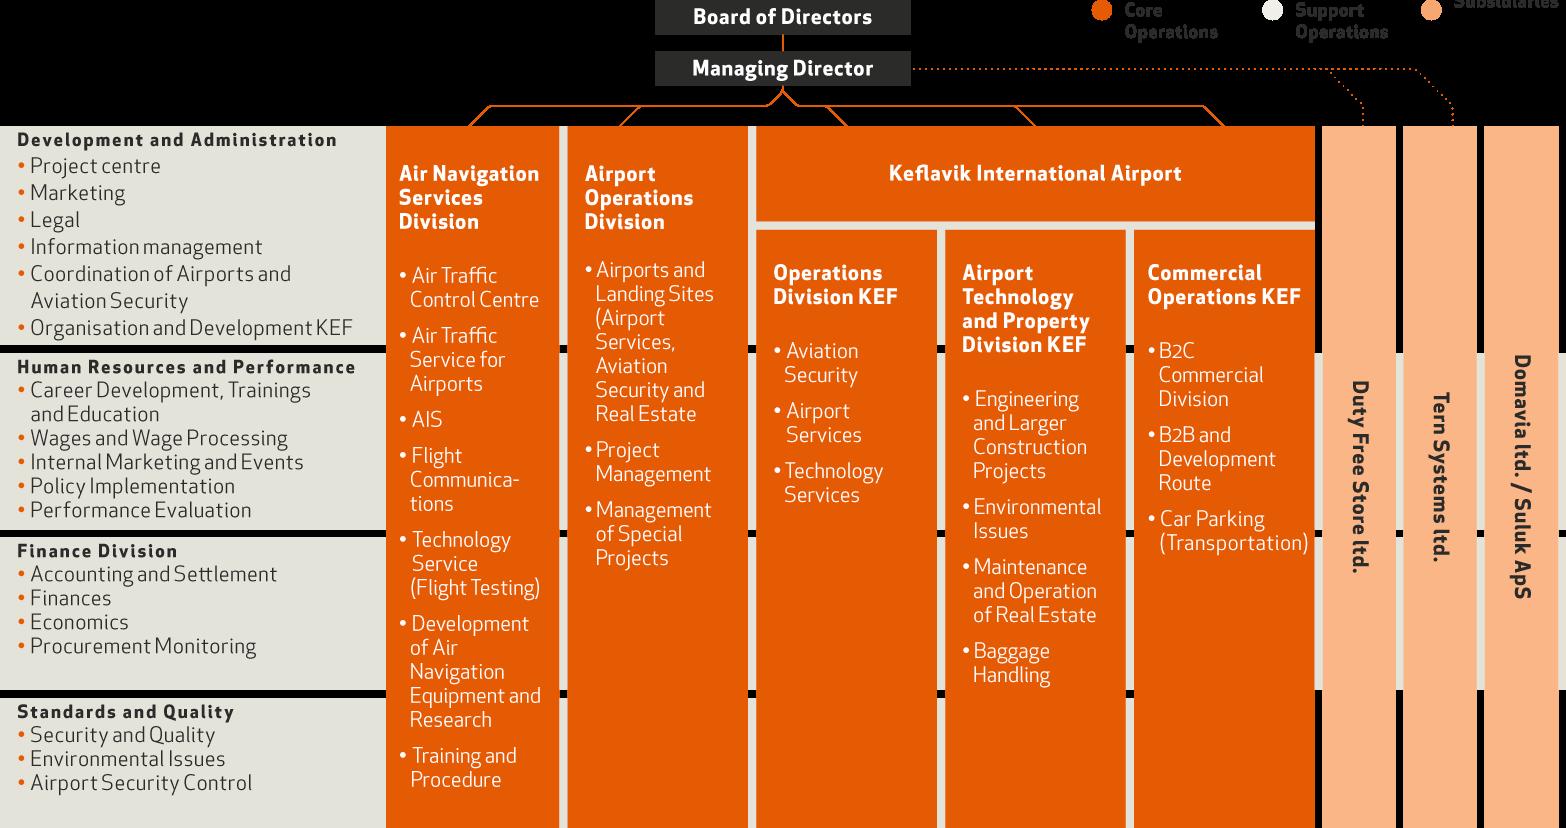 Divisions and organization chart | Isavia